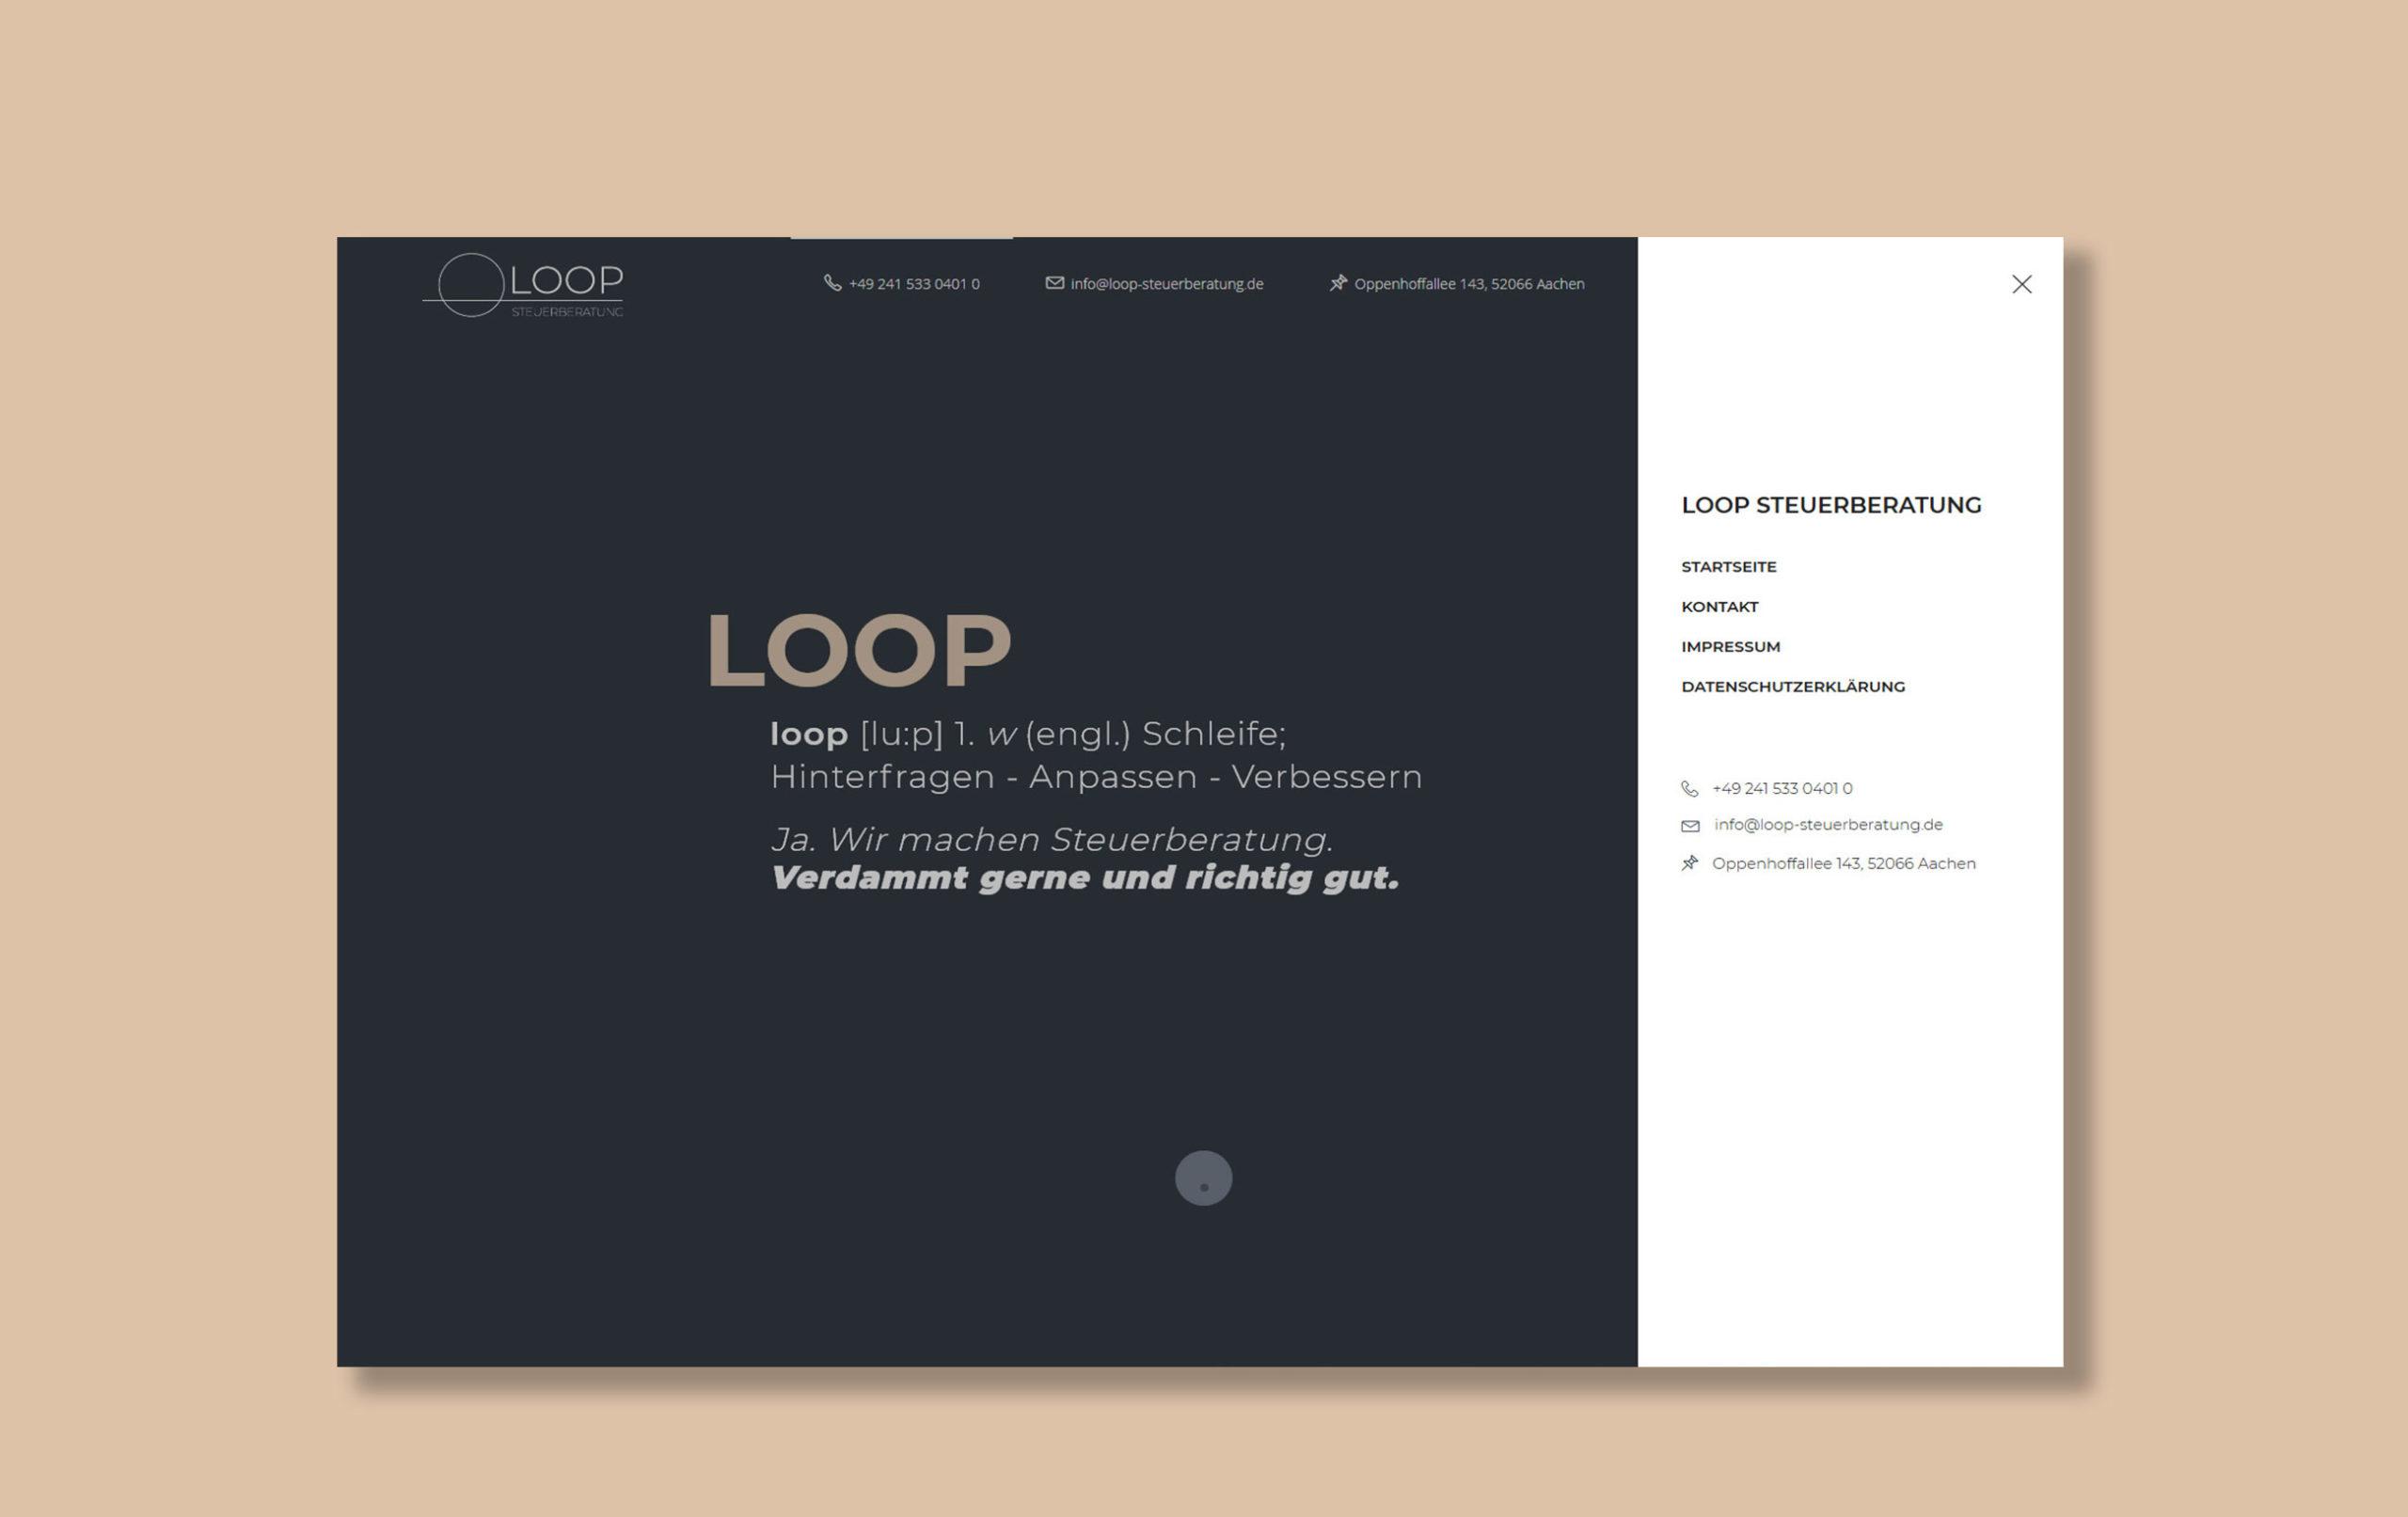 Beispiel für Webdesign der Yip Yips Agentur Aachen, Webseite der Loop Steuerberatung mit Kontaktdaten und Slogan